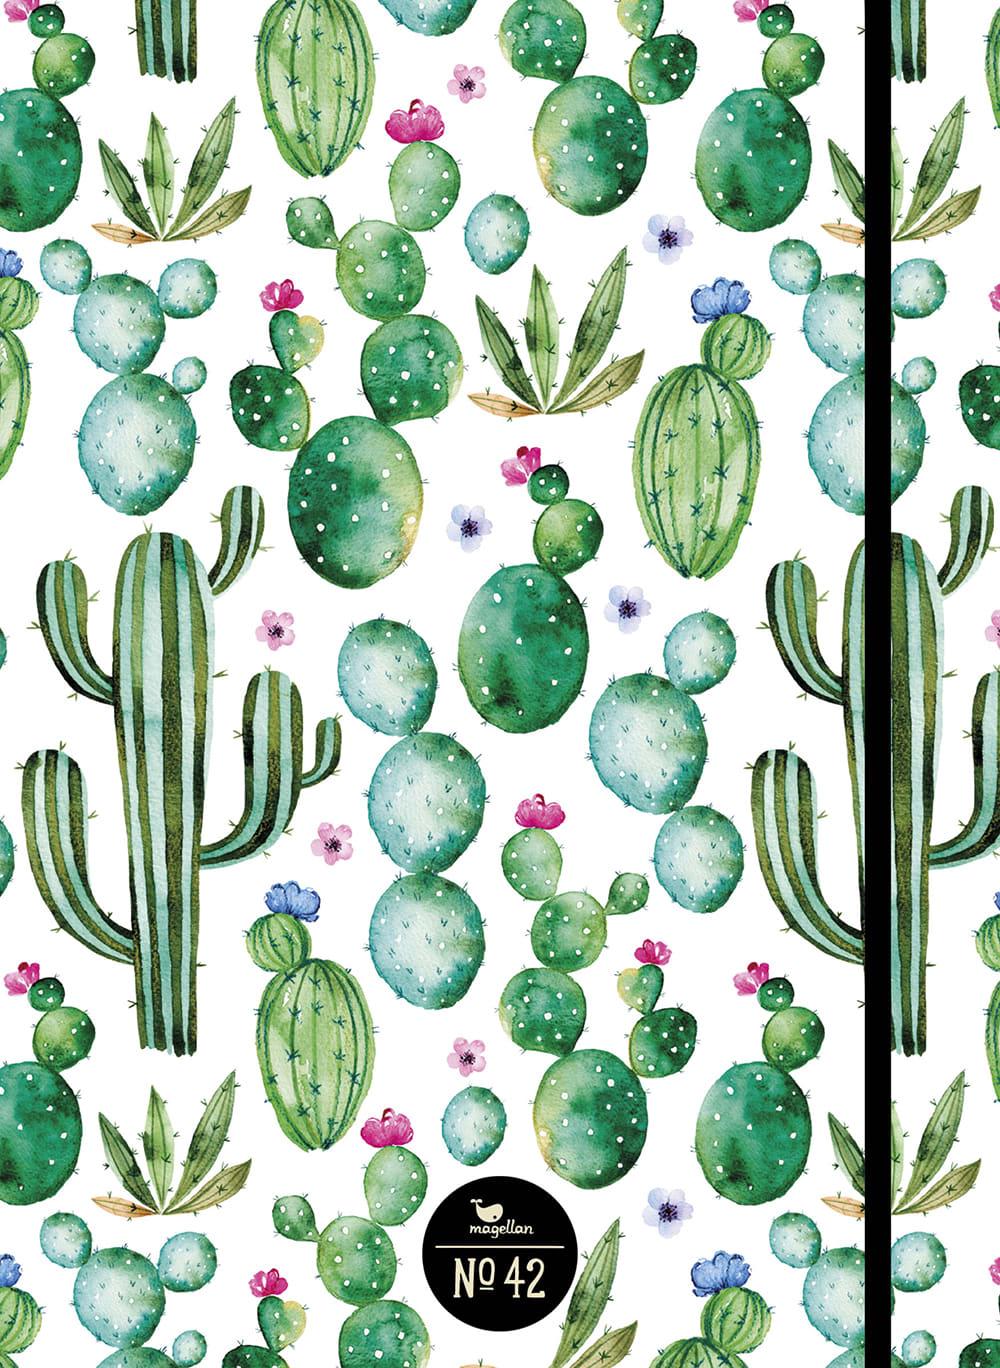 Notizbuch No. 42 - Kaktus